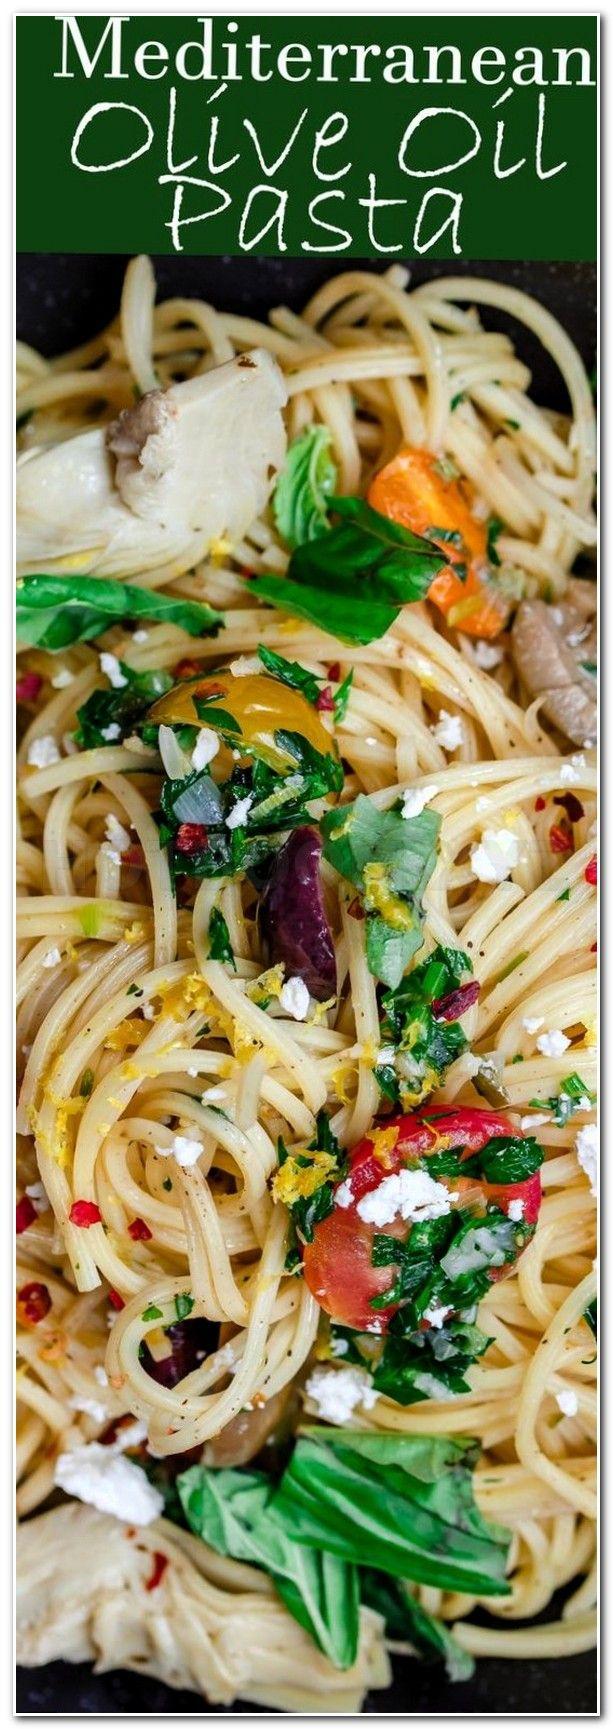 Best 20+ Healthy Balanced Diet Ideas On Pinterest  Balanced Diet, Balanced  Meals And Nutrition Plate